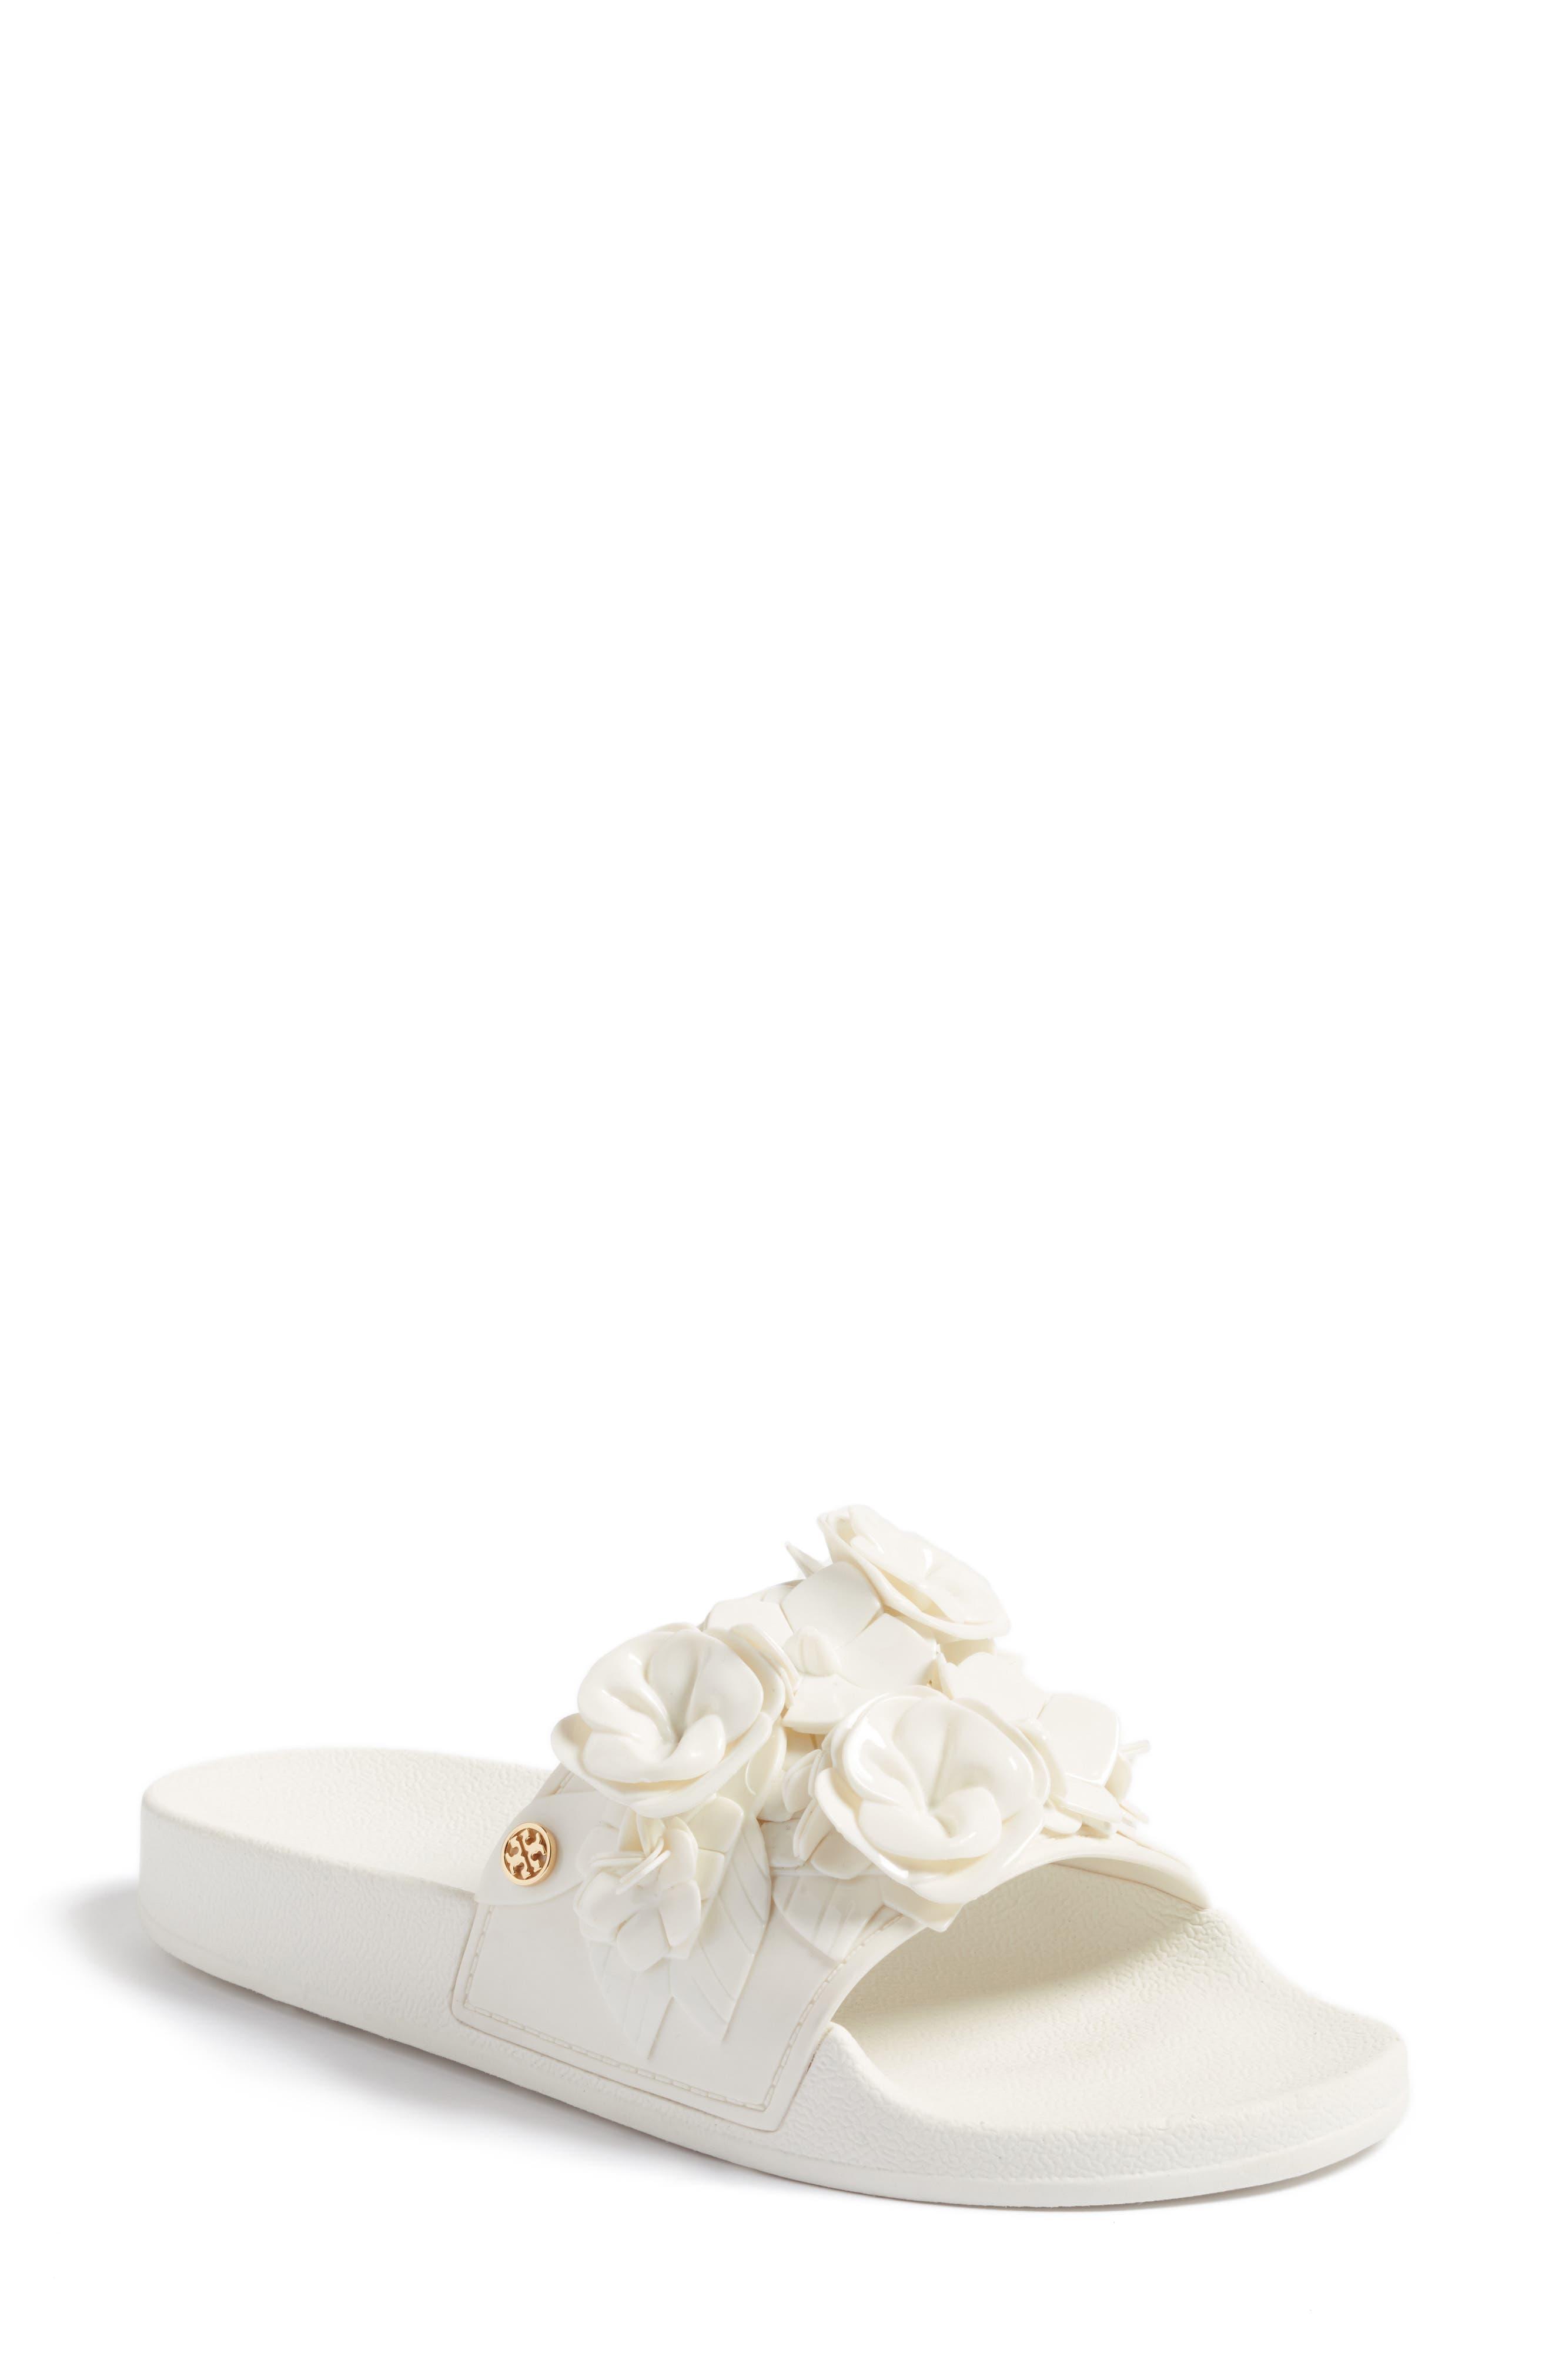 Tory Burch Blossom Slide Sandal (Women)